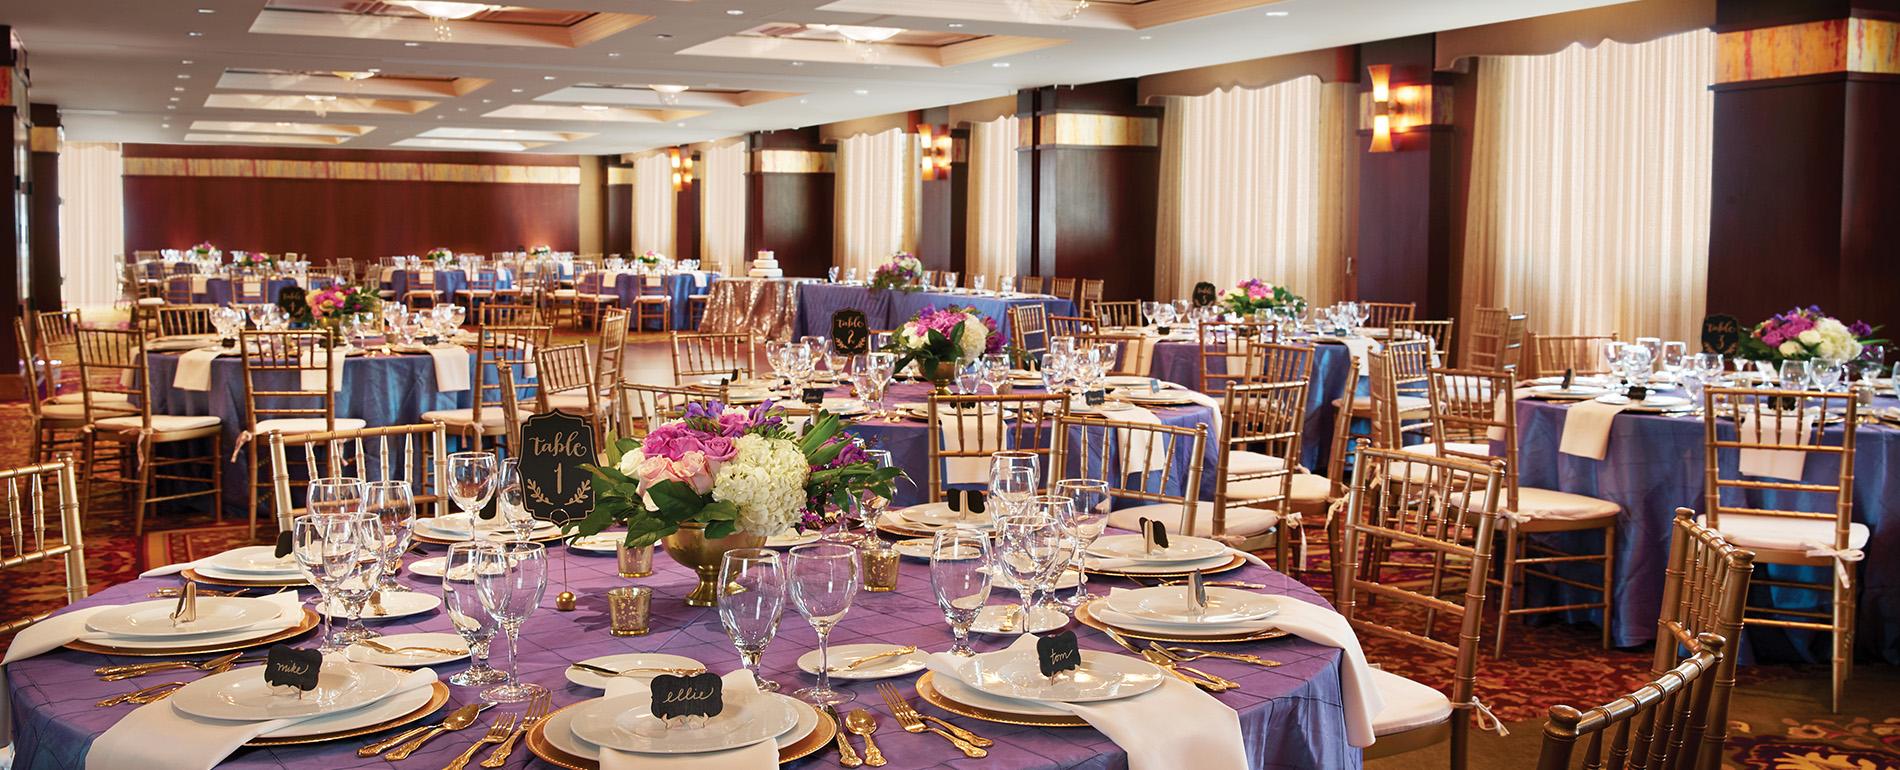 poconos Banquet Hall Room